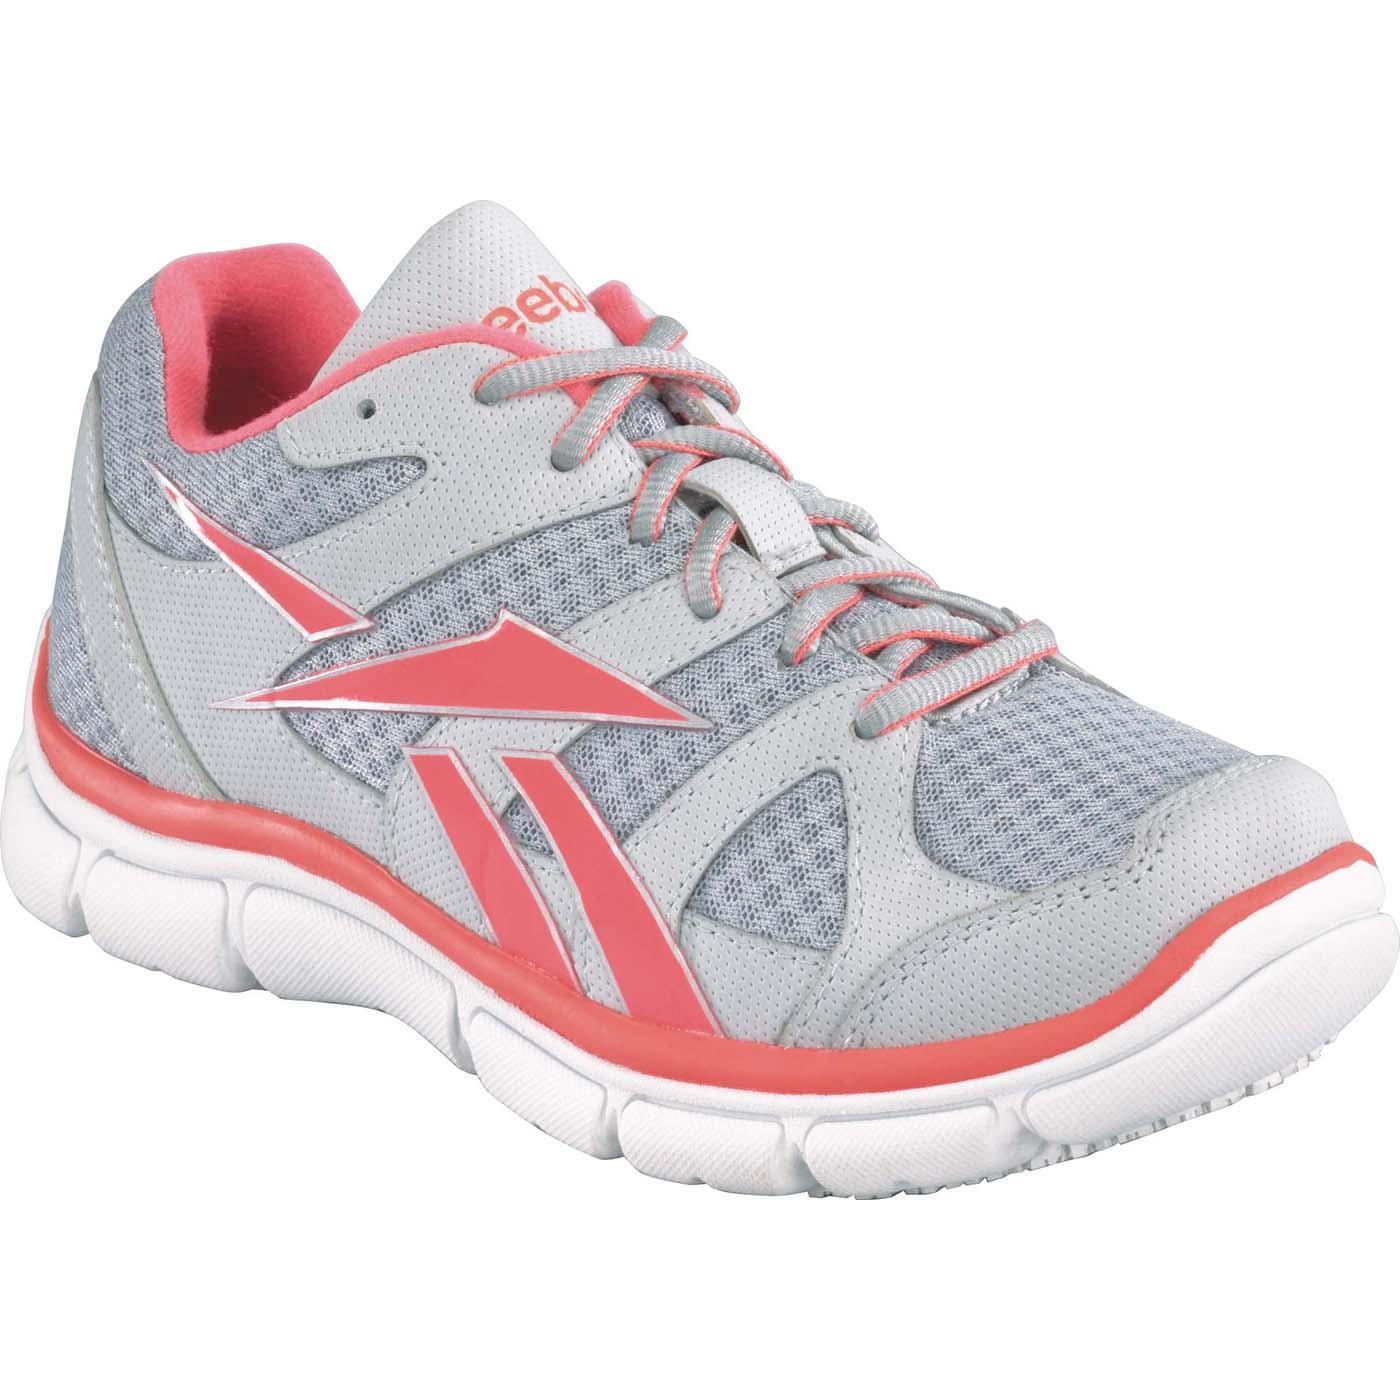 Reebok Slip Resistant Work Shoe In Wide Width